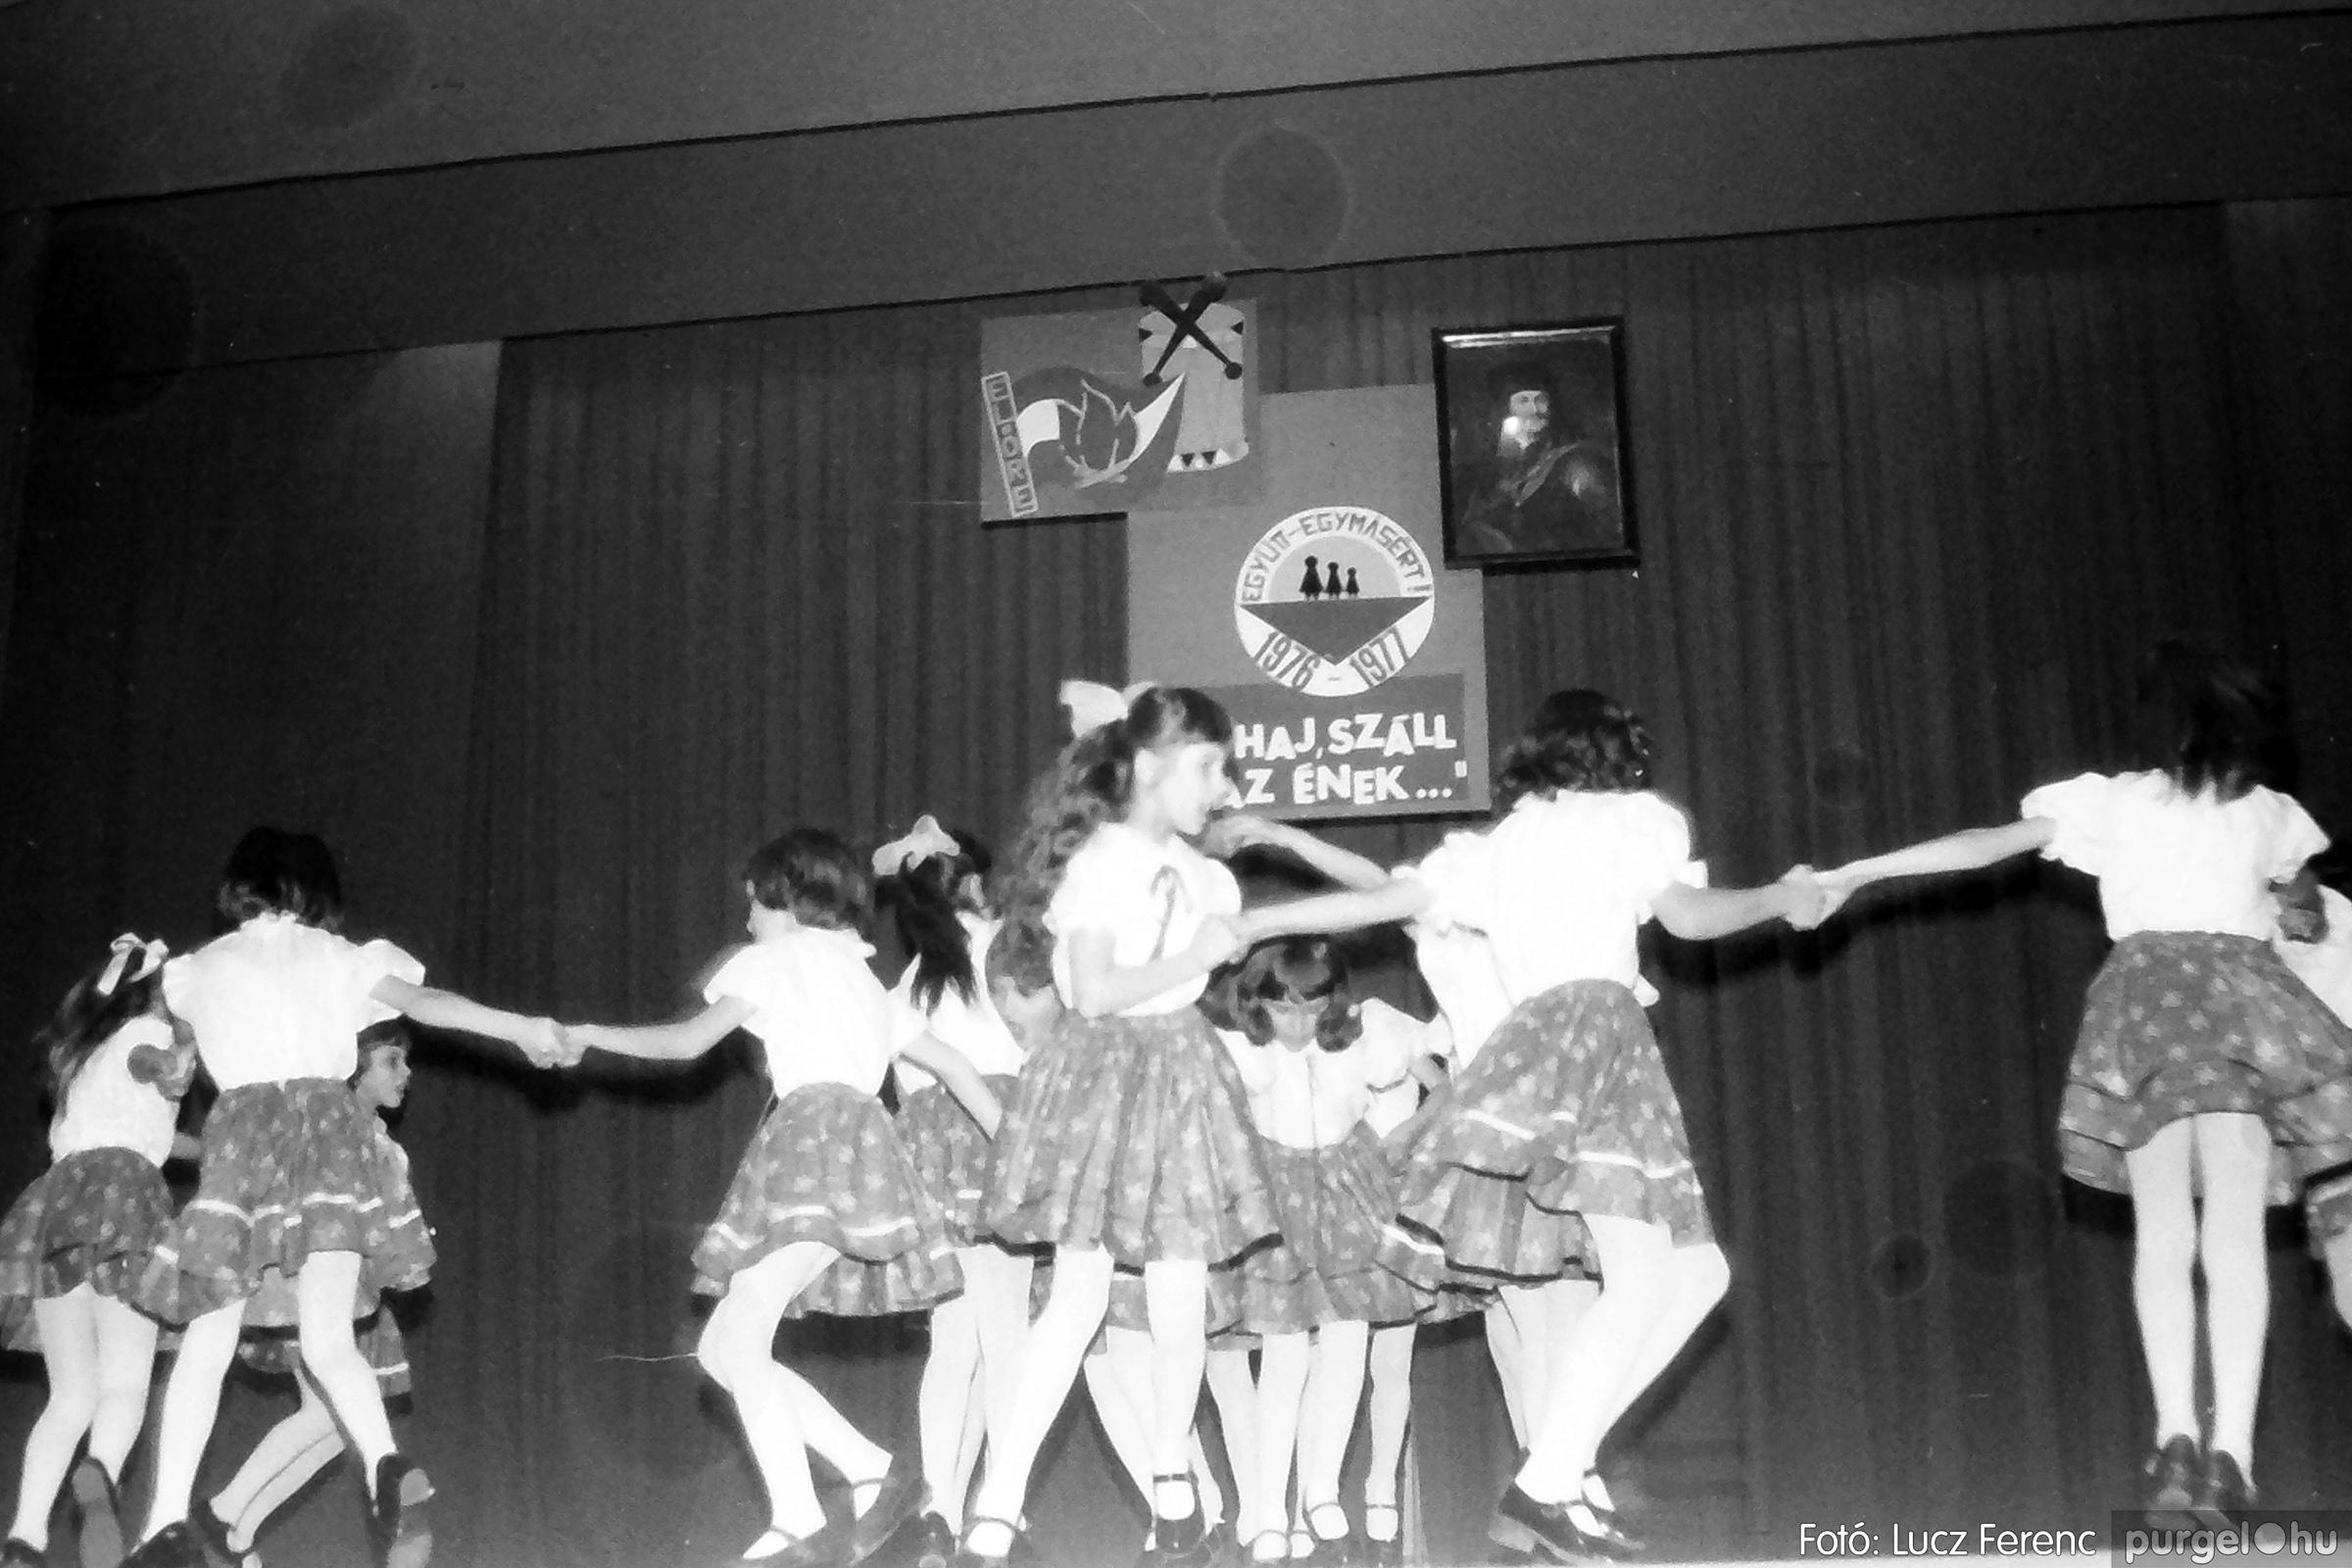 077. 1977. Kulturális seregszemle Mindszenten 002. - Fotó: Lucz Ferenc.jpg